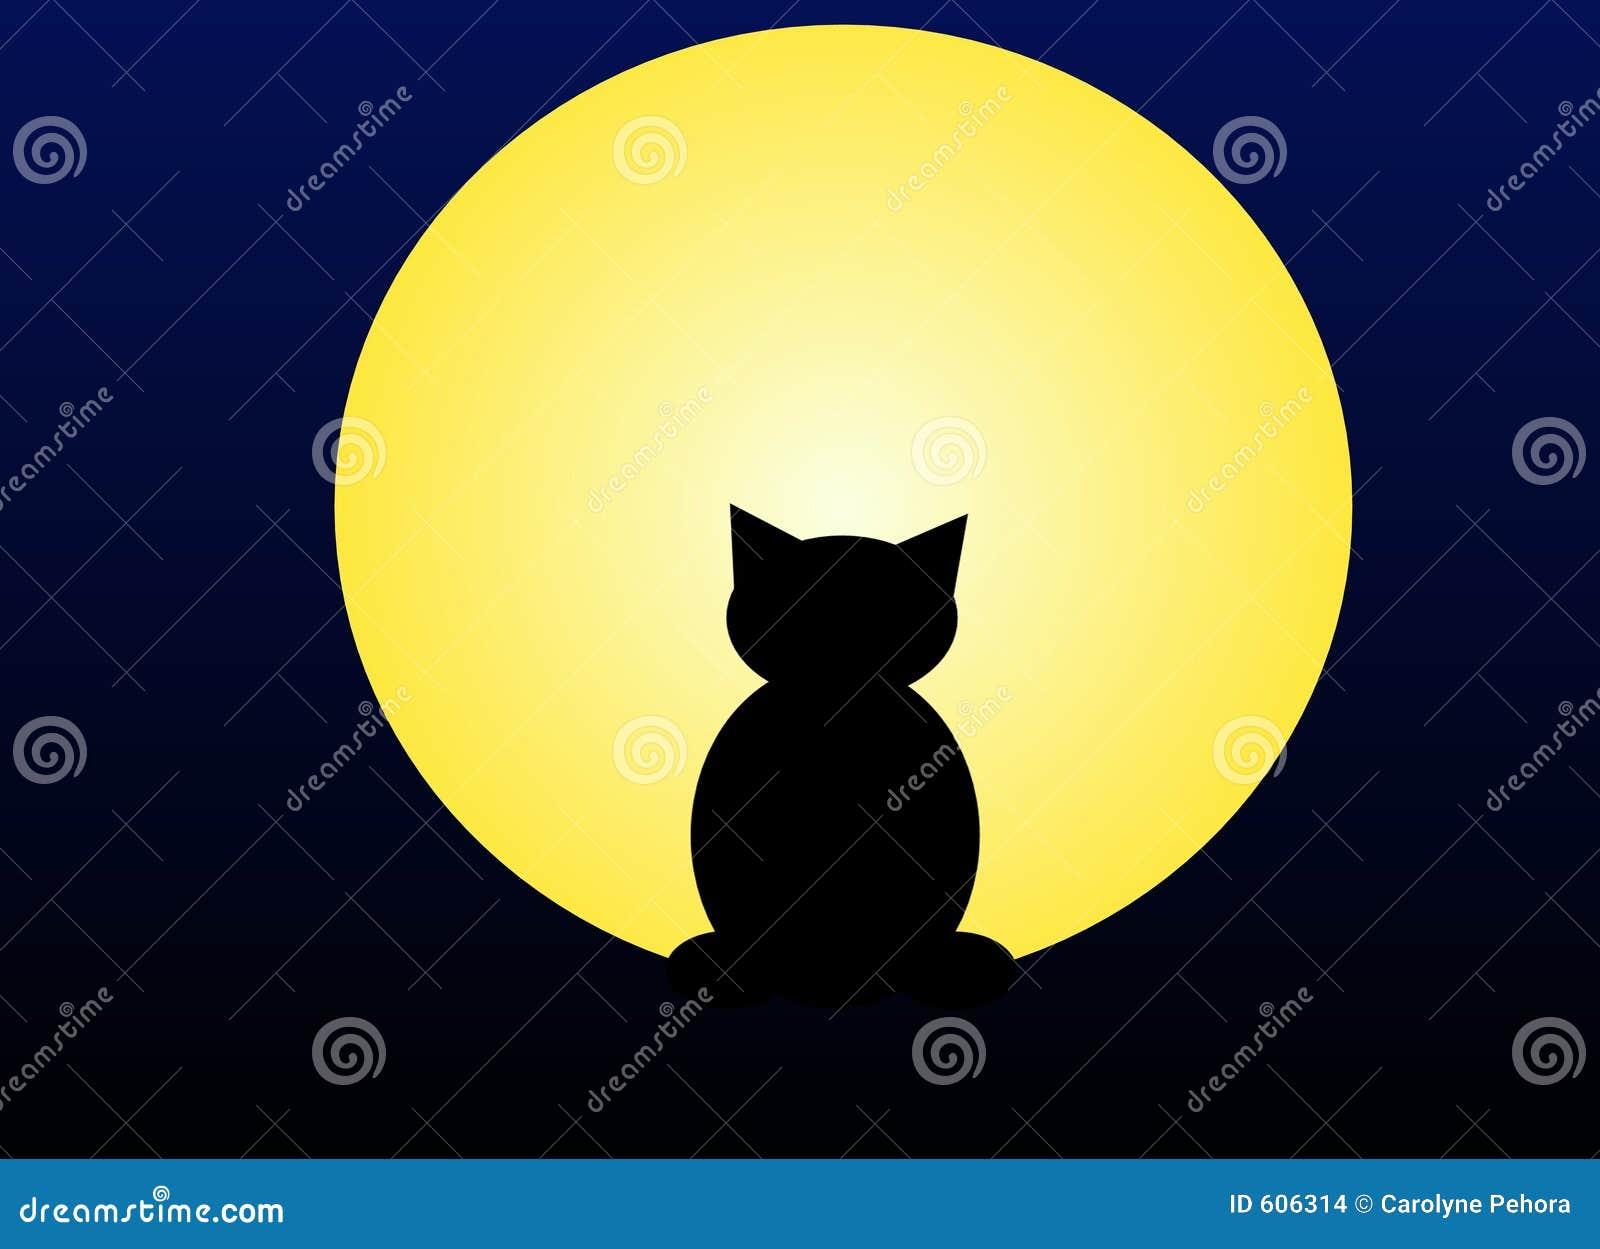 De kat van het maanlicht